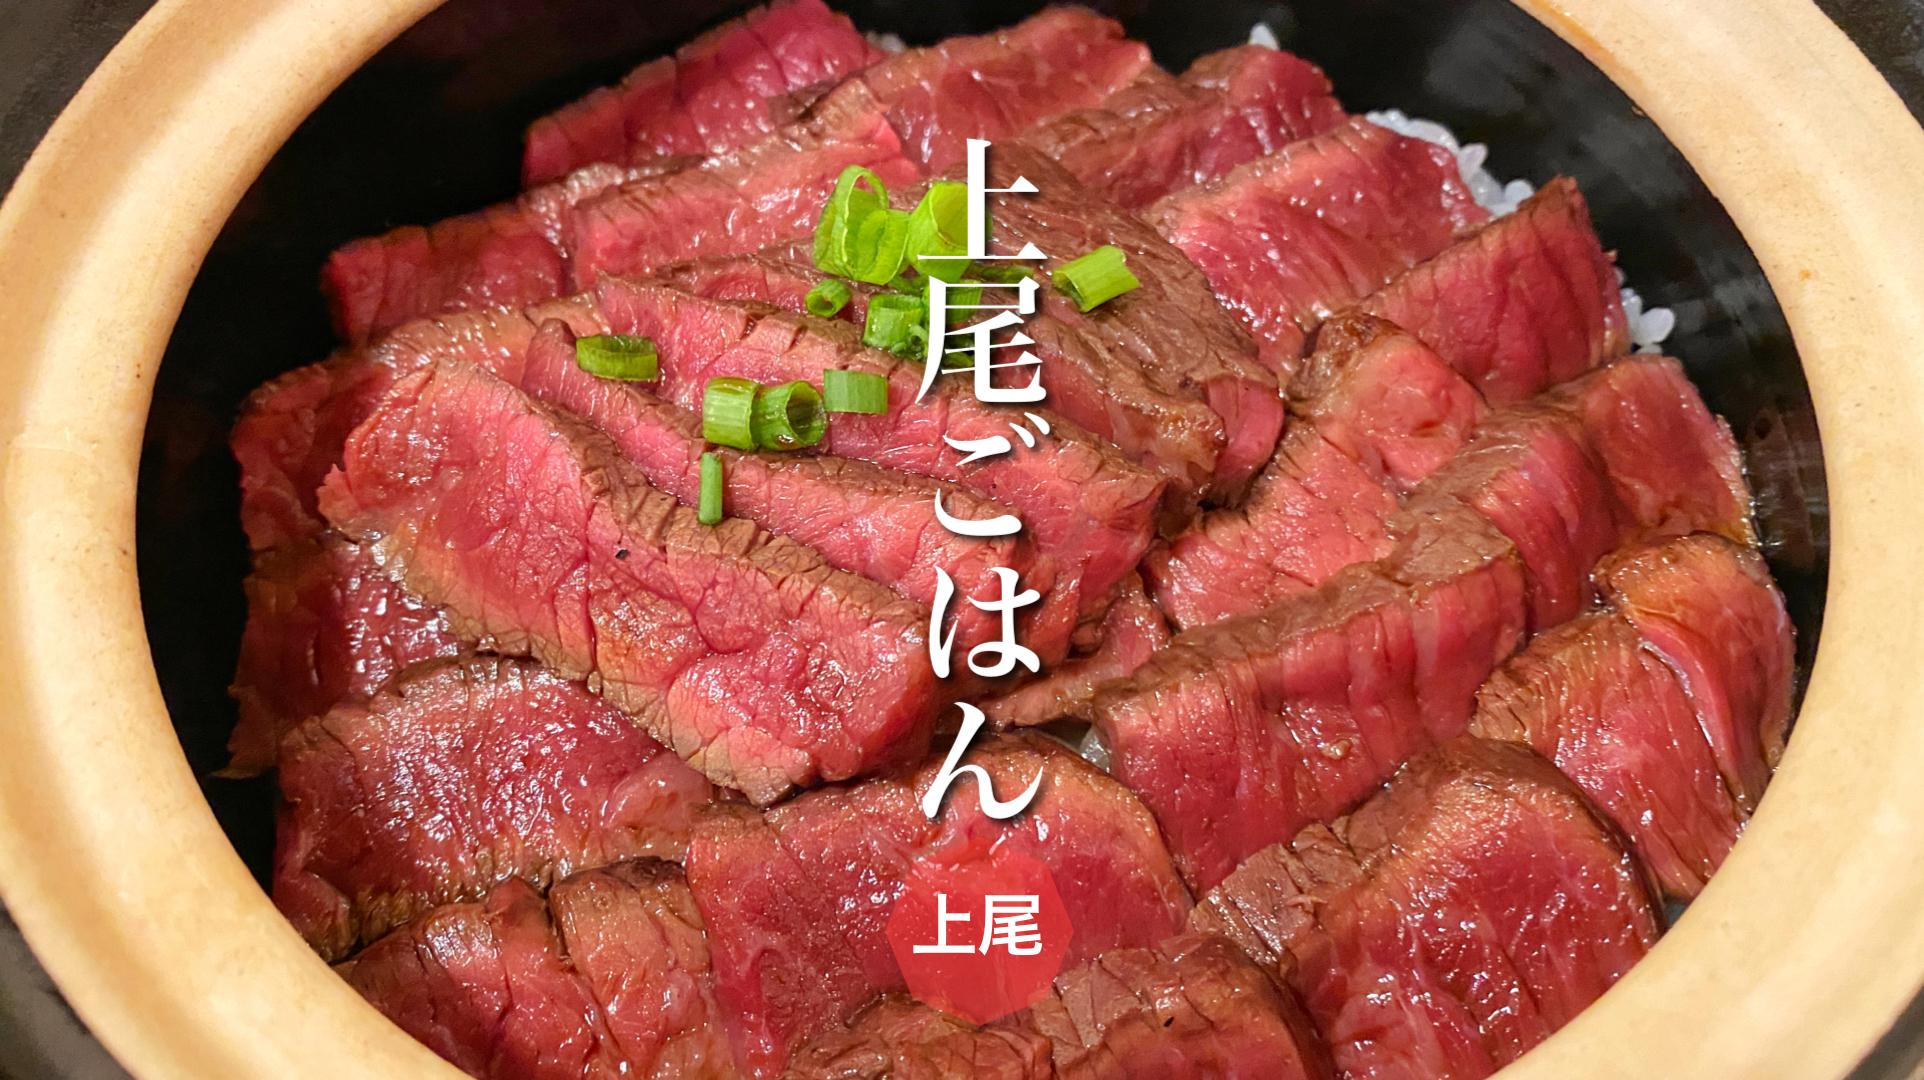 【極上】上尾ごはん 上尾市 赤城牛の土鍋ステーキ丼が絶品!メニューも紹介します